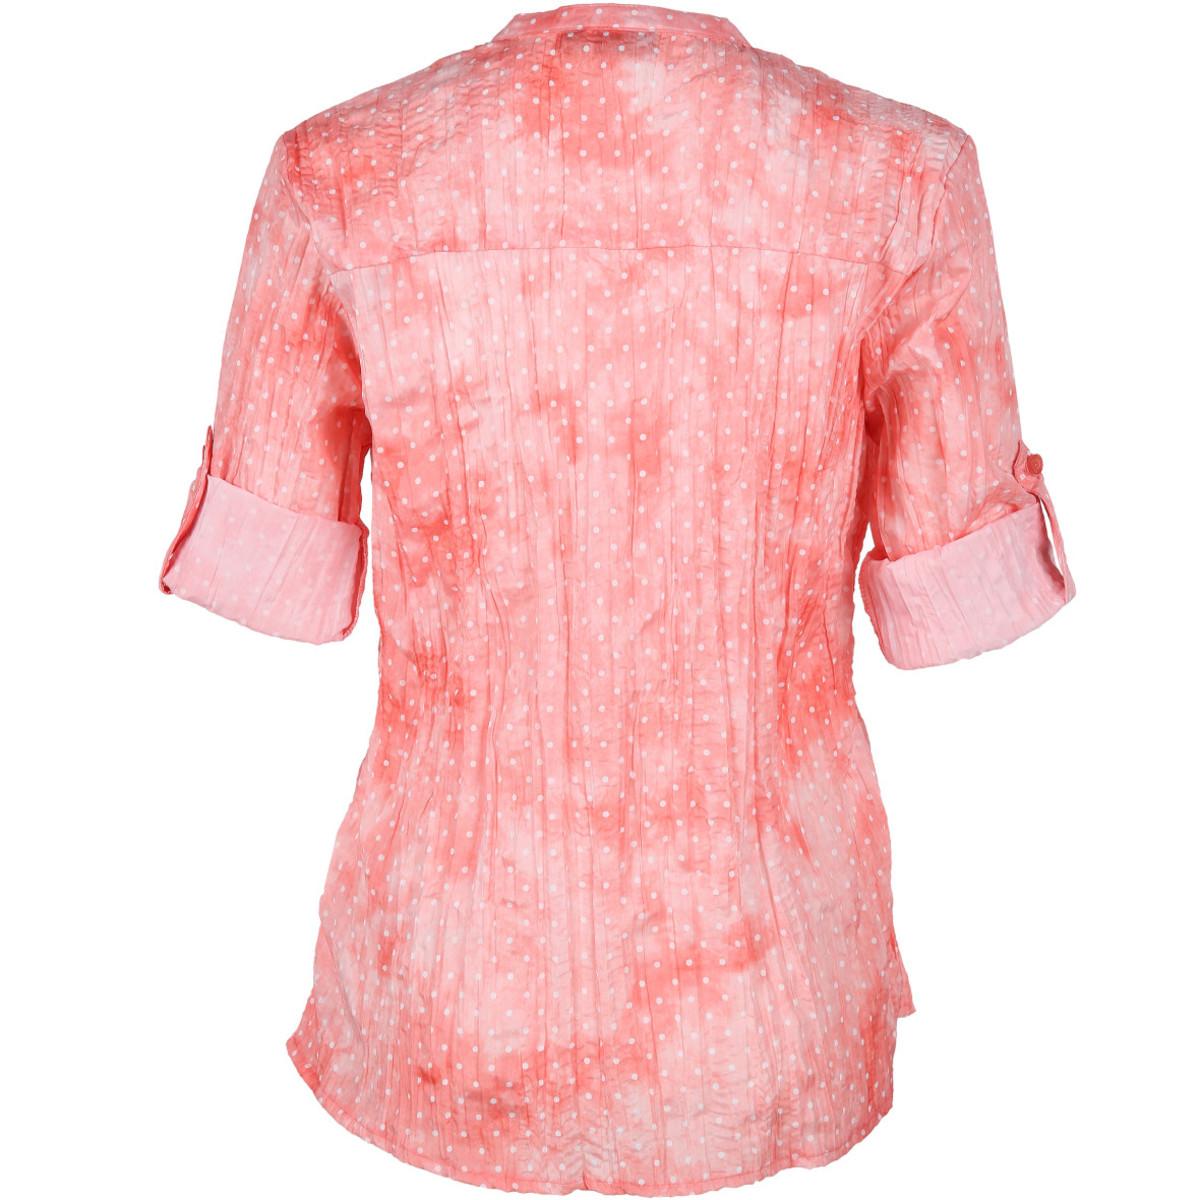 Bild 2 von Damen Bluse in Crash Optik